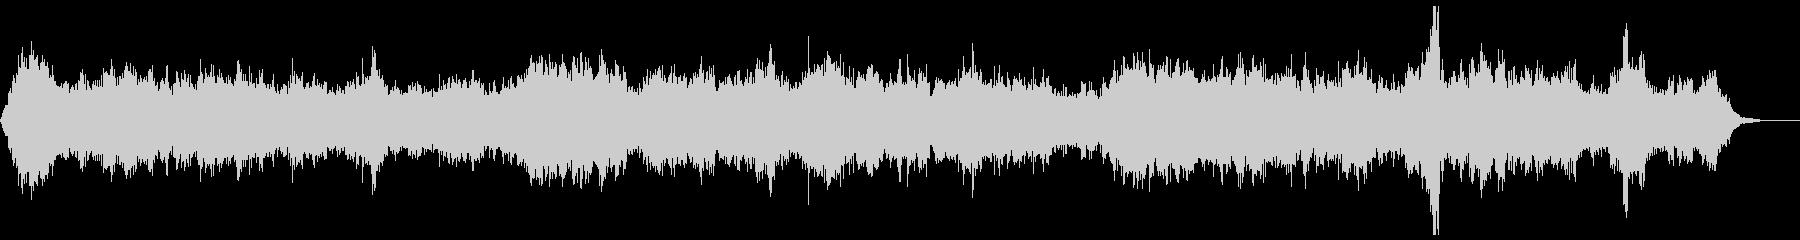 ゾンビ(グループ)うめき声2の未再生の波形